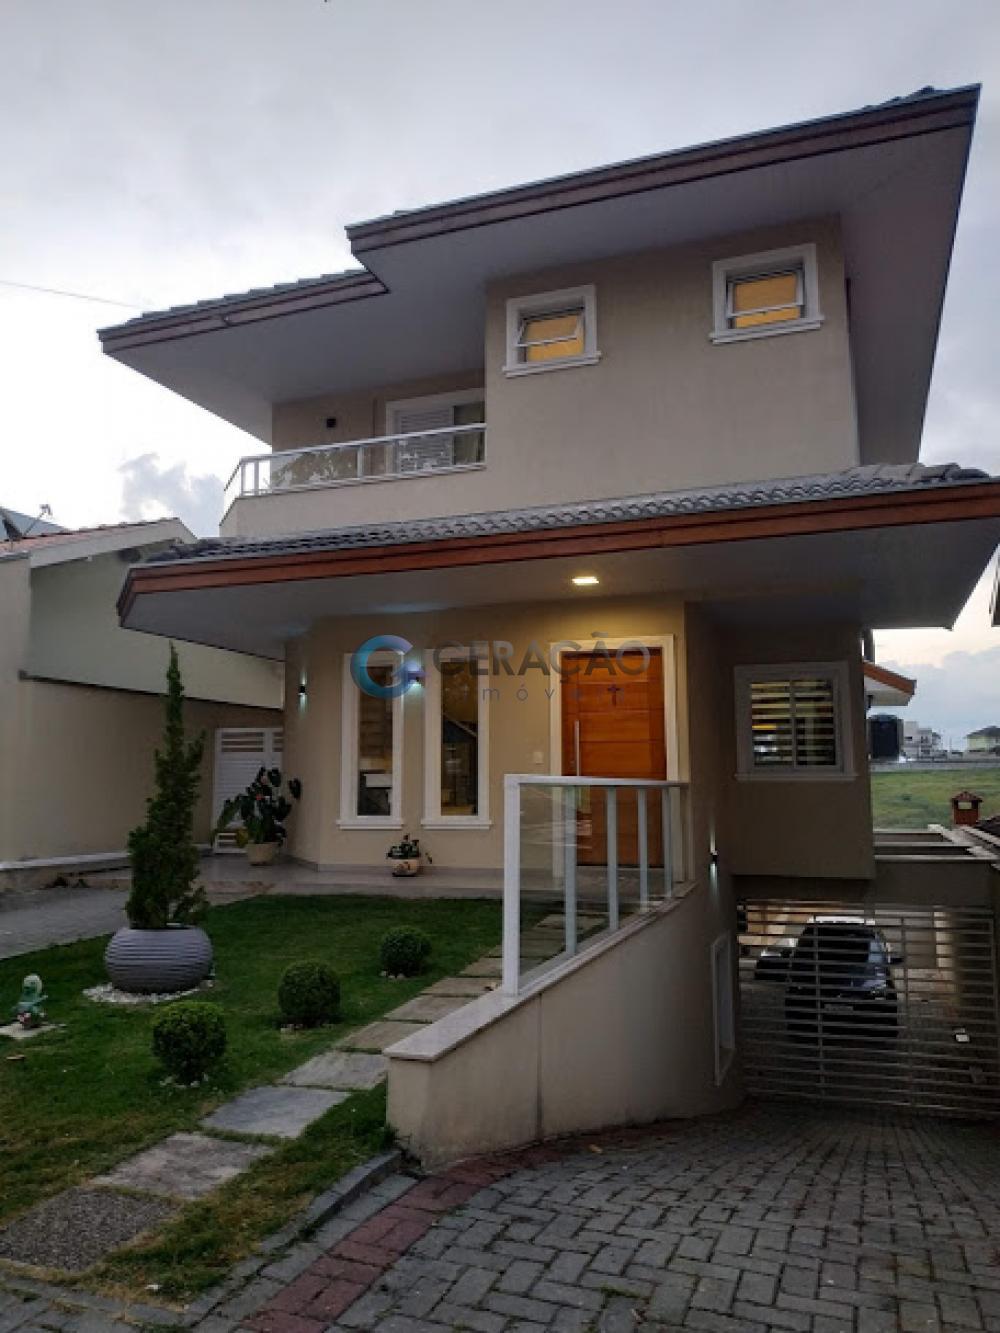 Comprar Casa / Condomínio em São José dos Campos R$ 1.150.000,00 - Foto 27